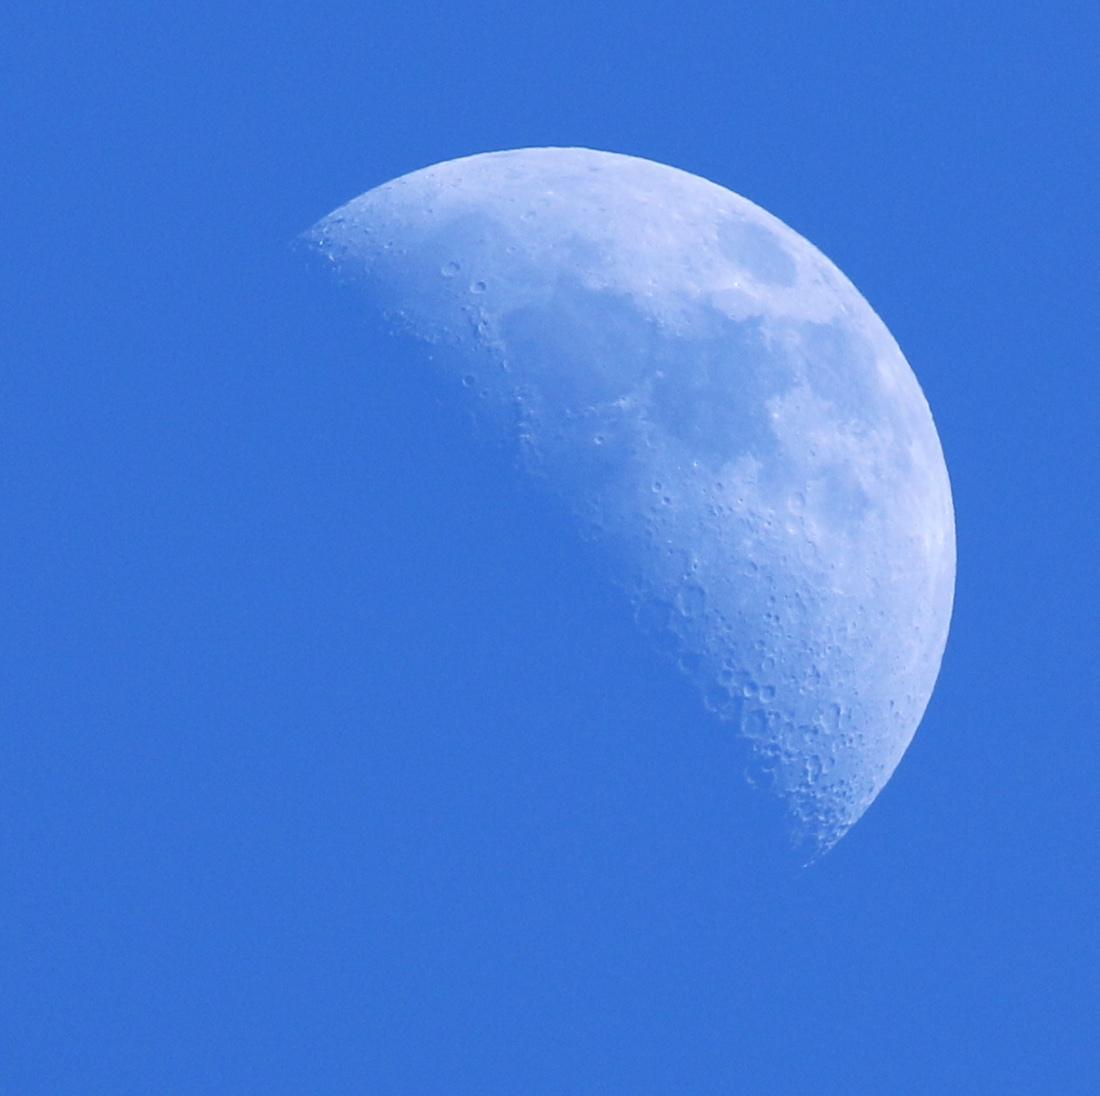 la lune le 12/02/2019 (58819)